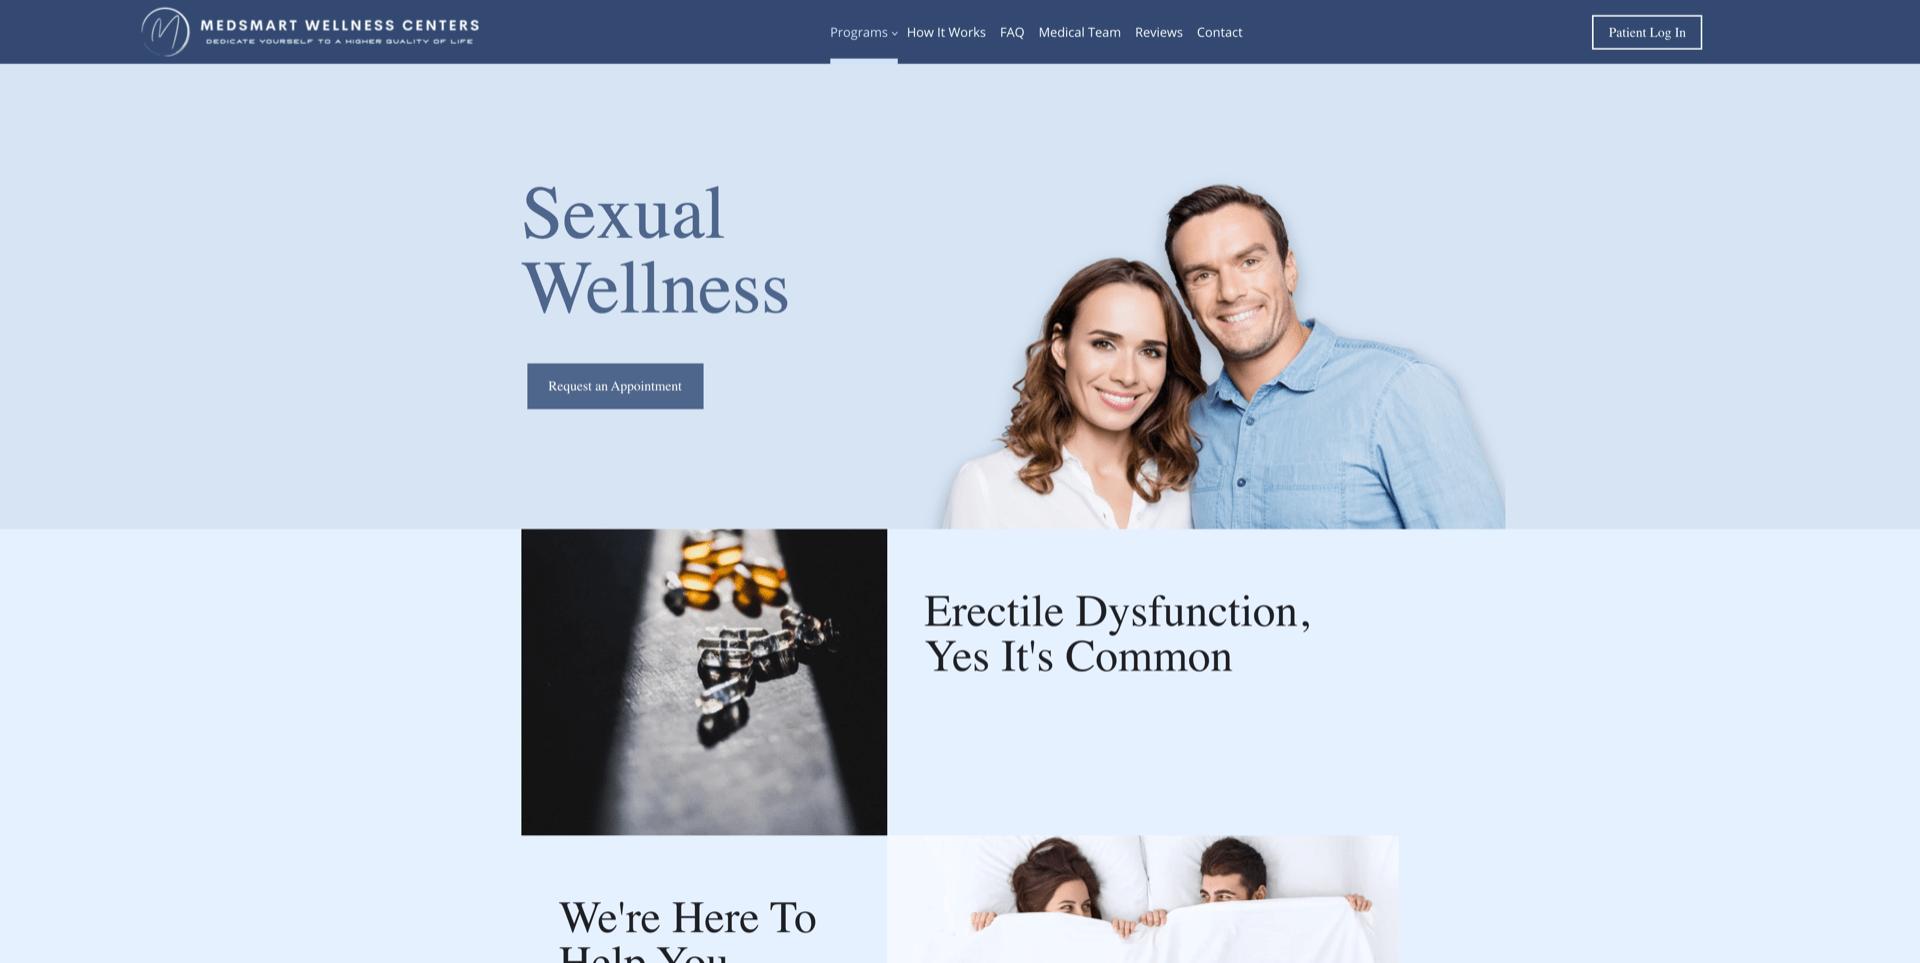 Medsmart Wellness Centers